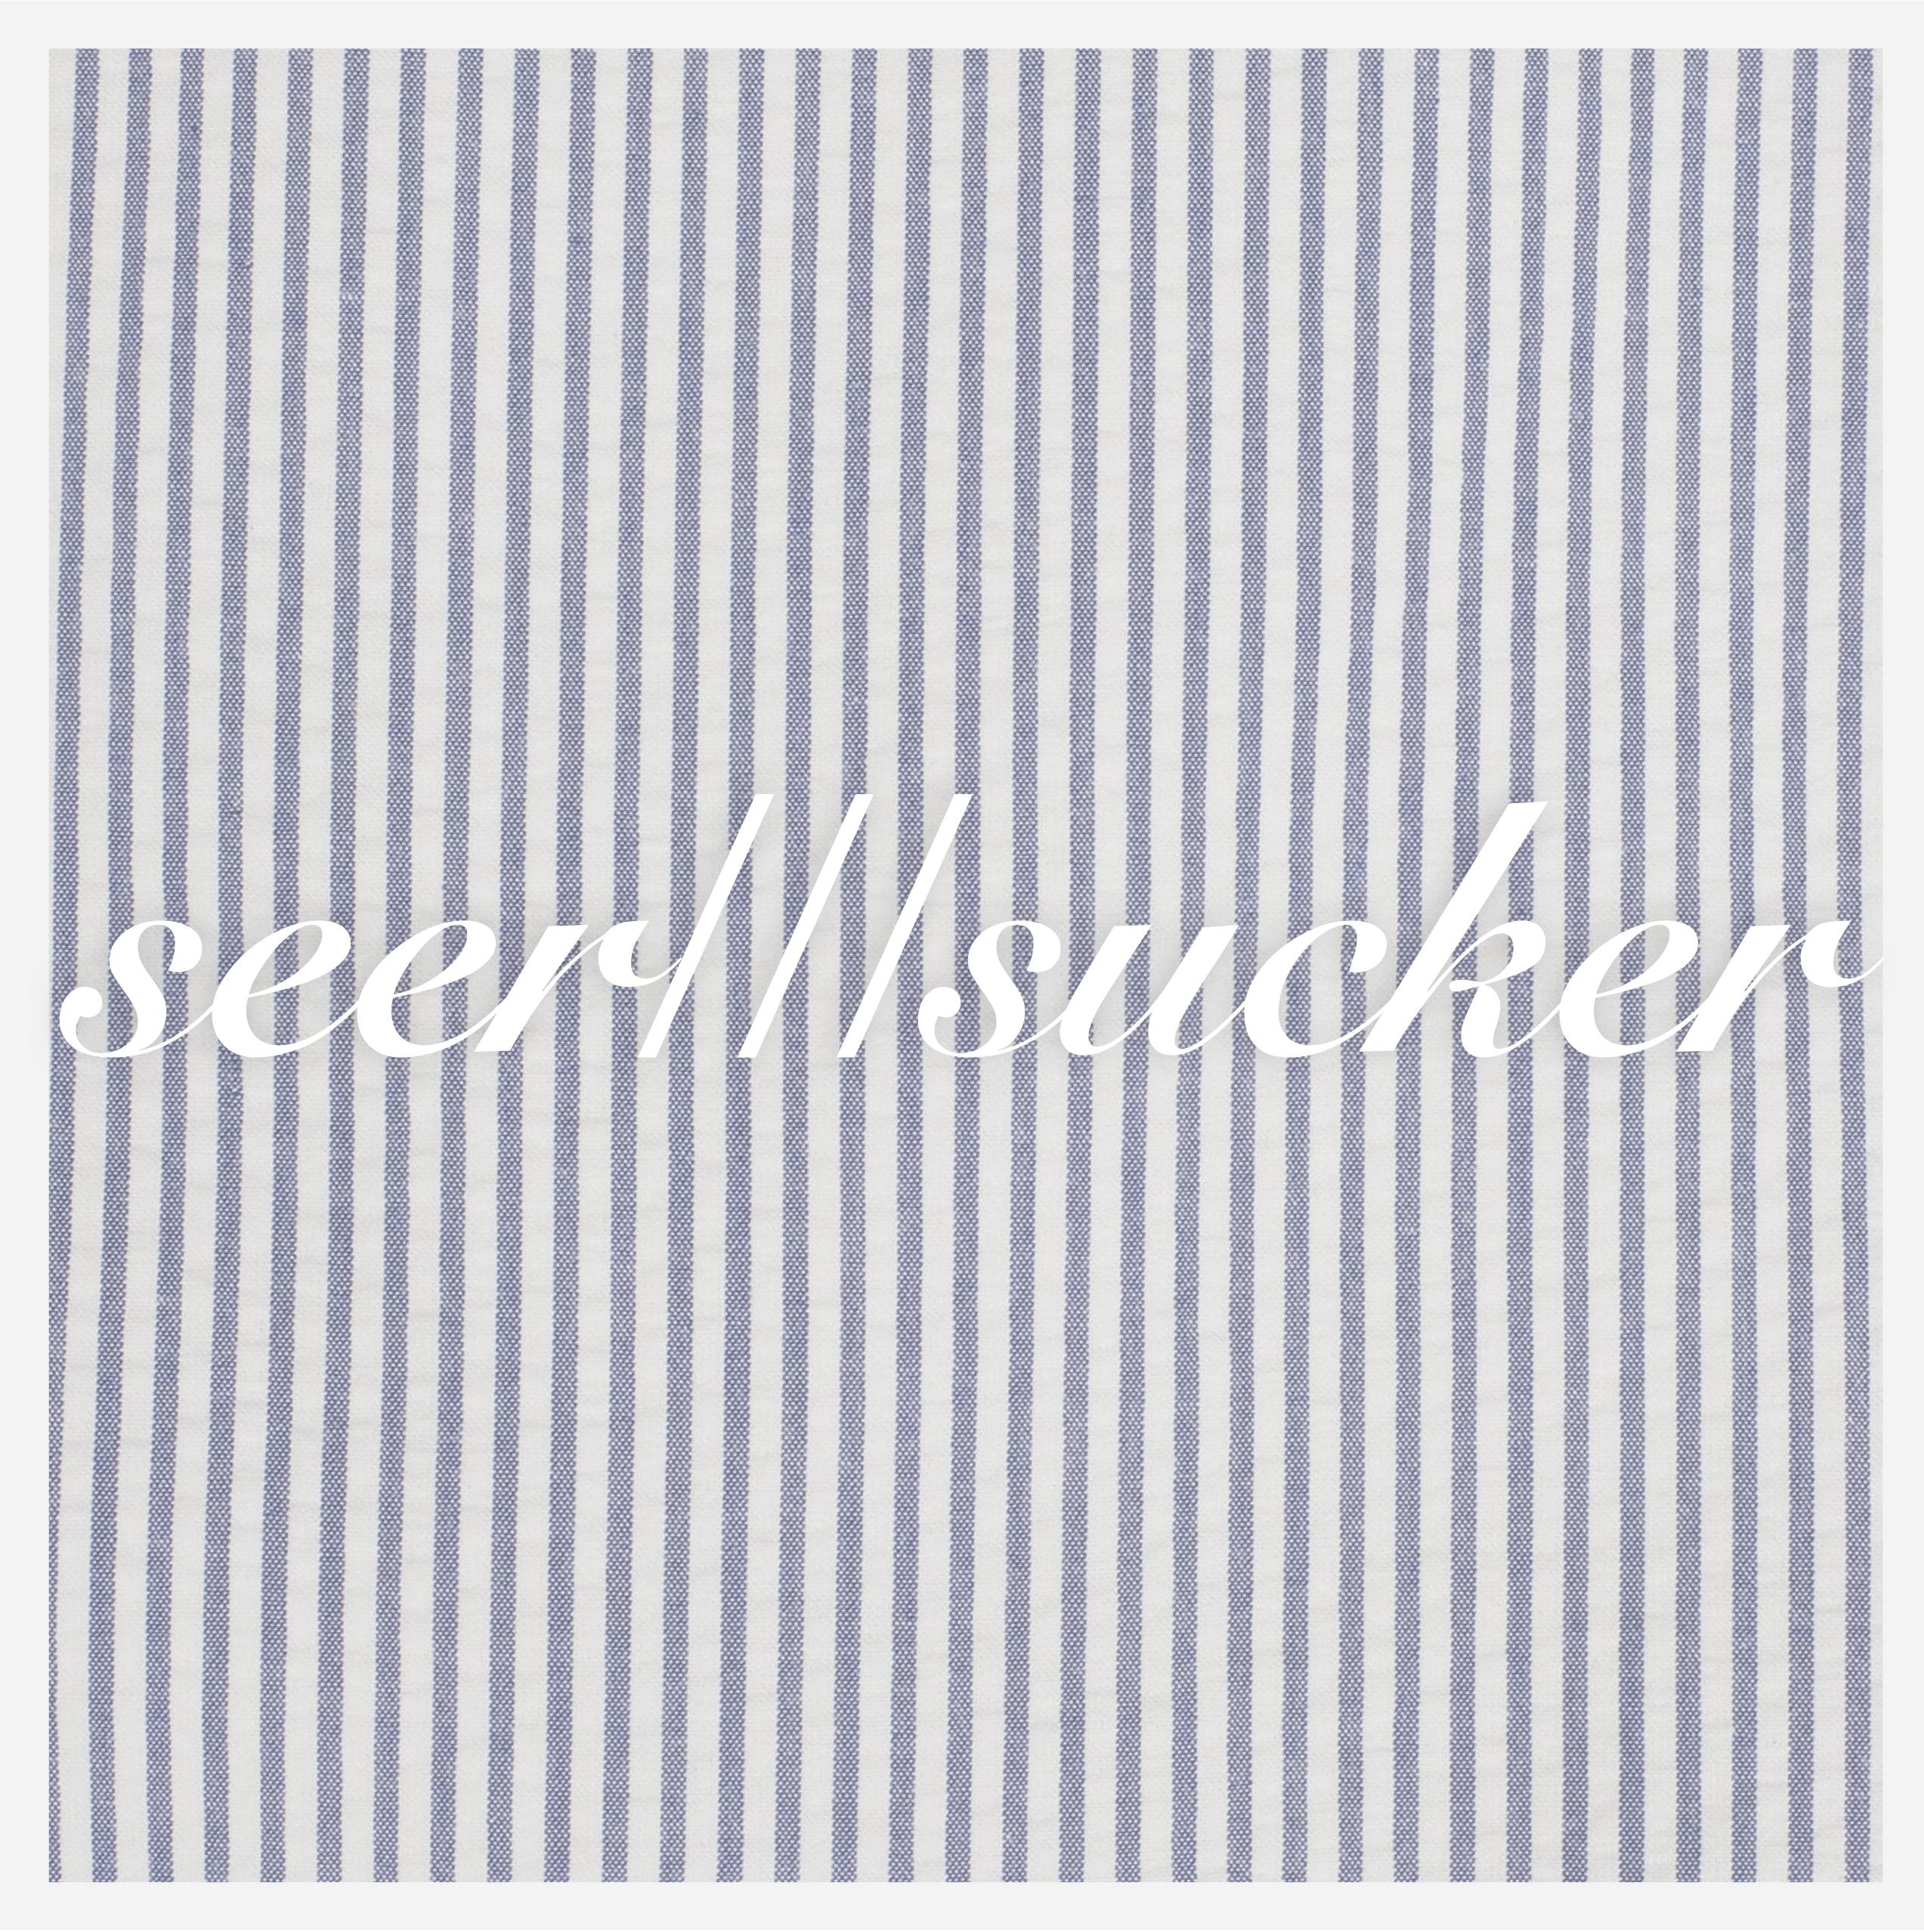 seer///sucker